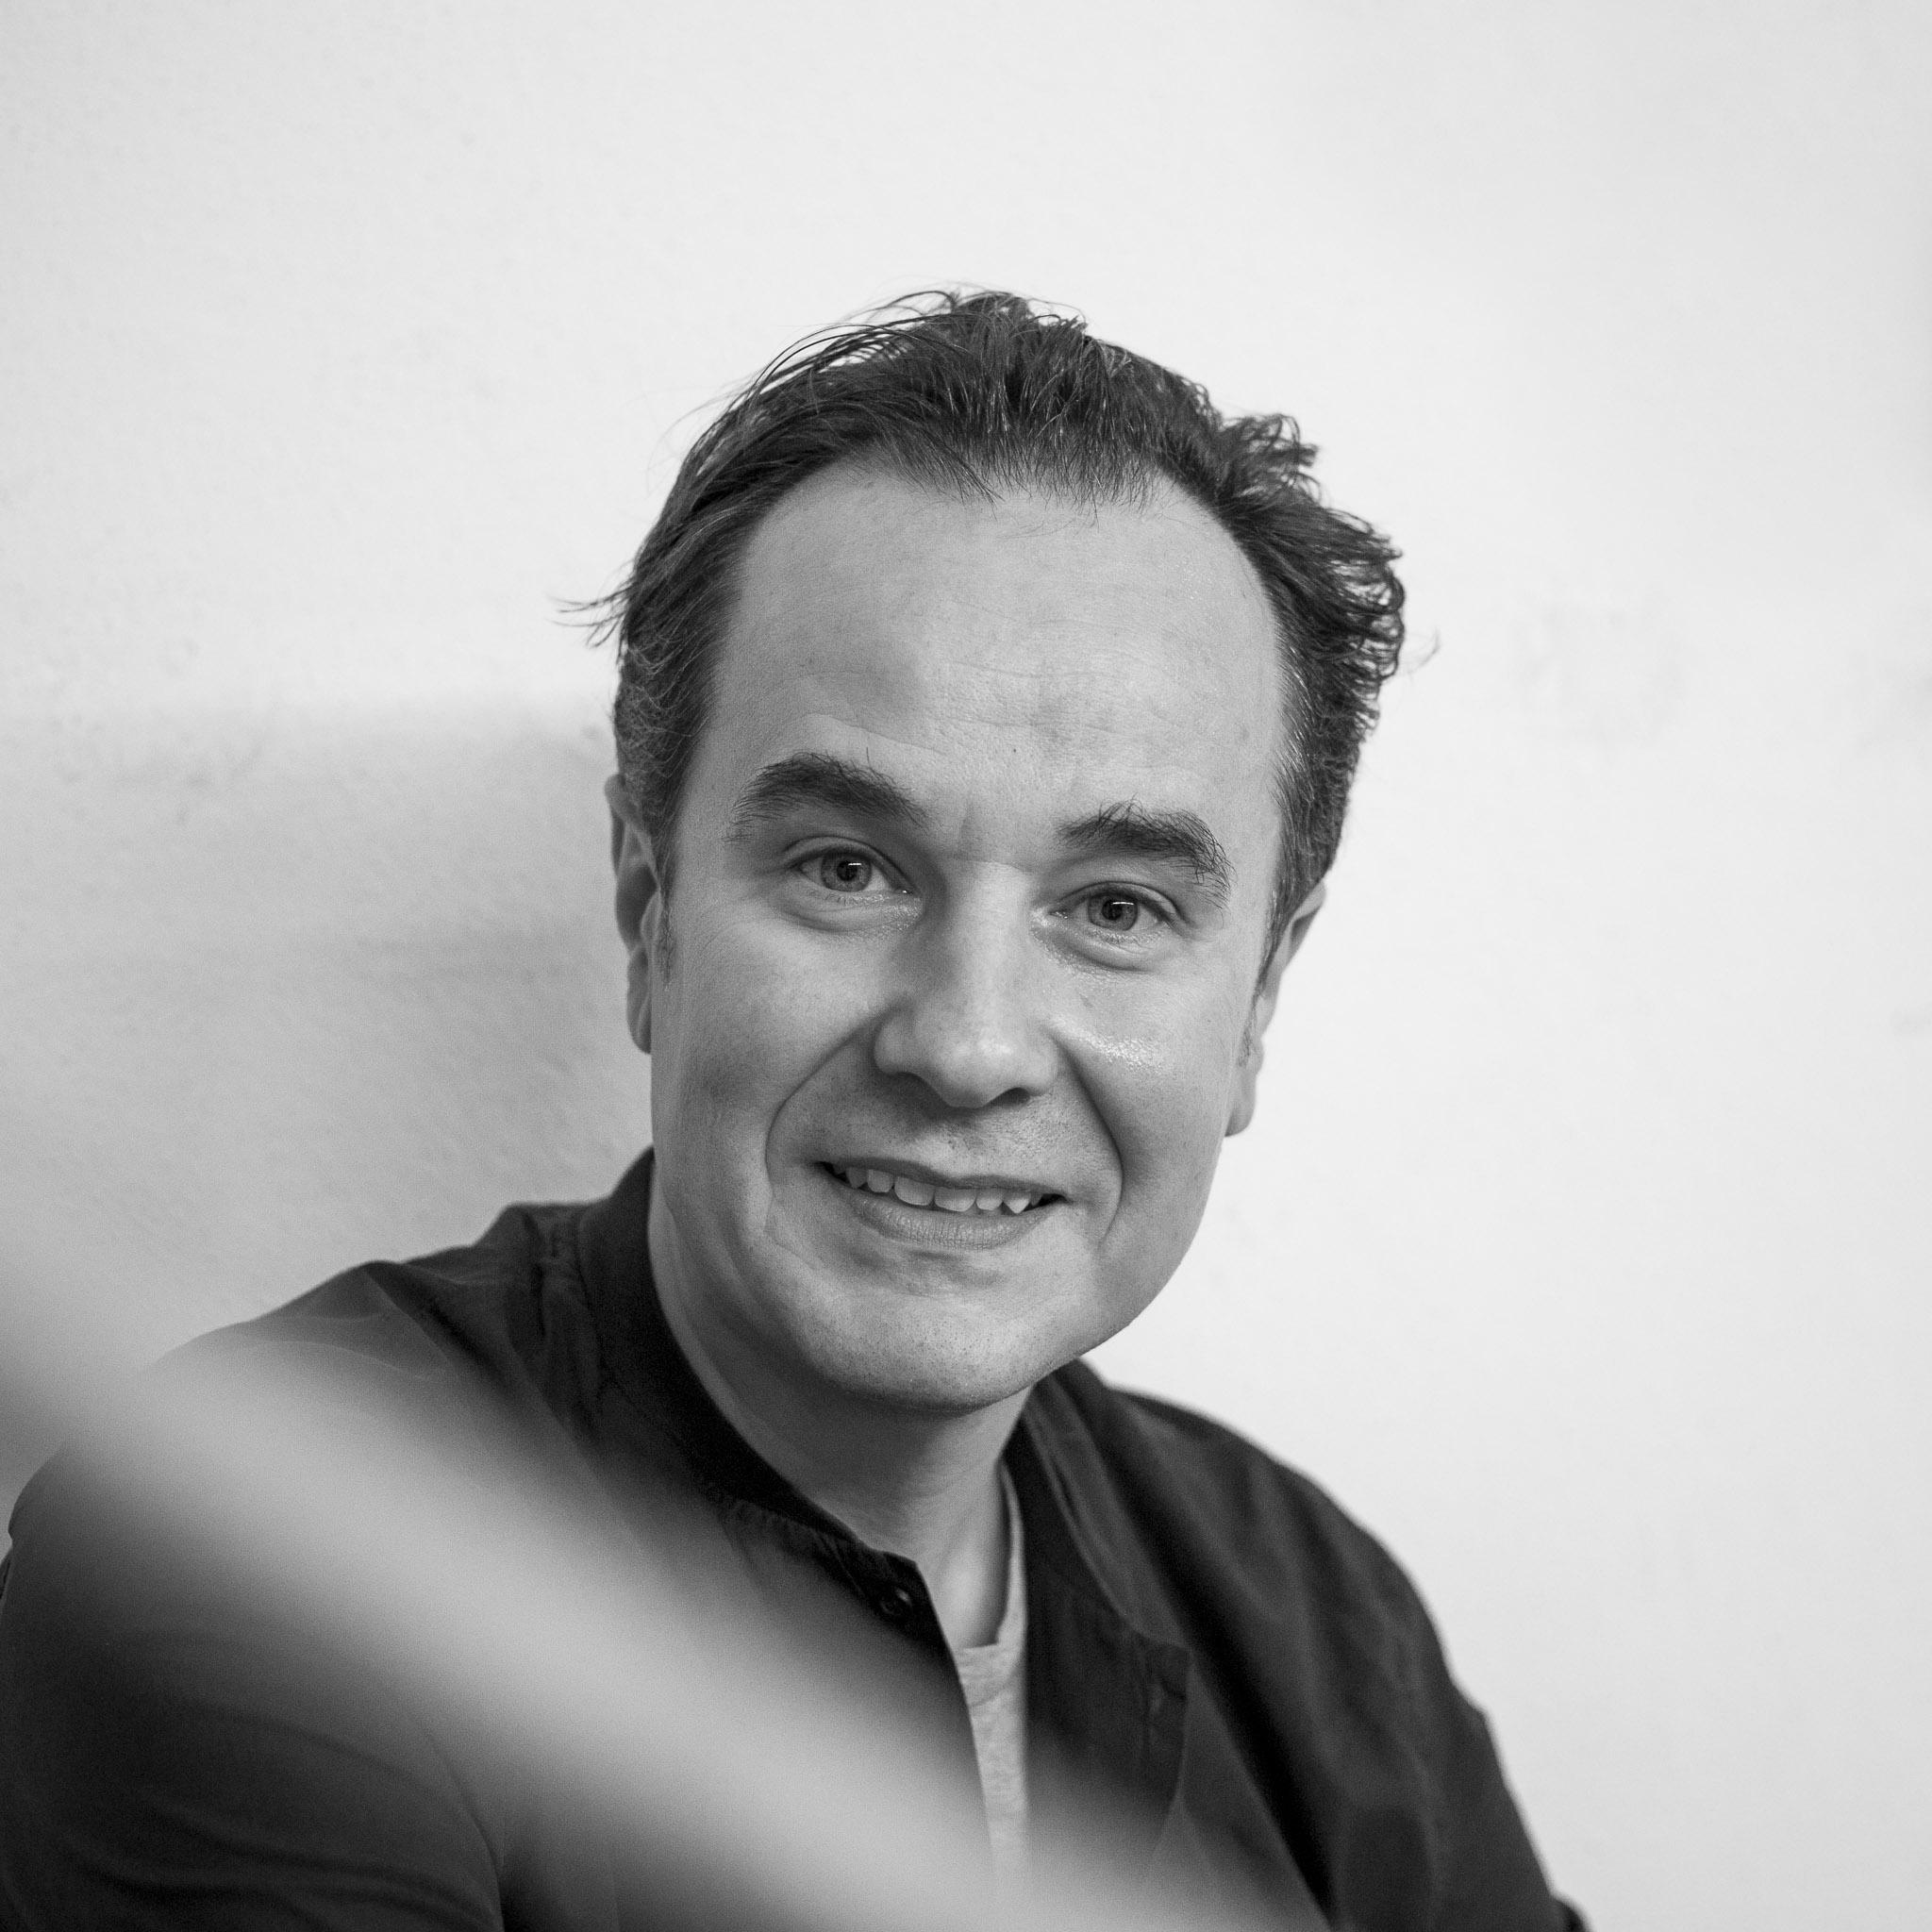 Christian Salić